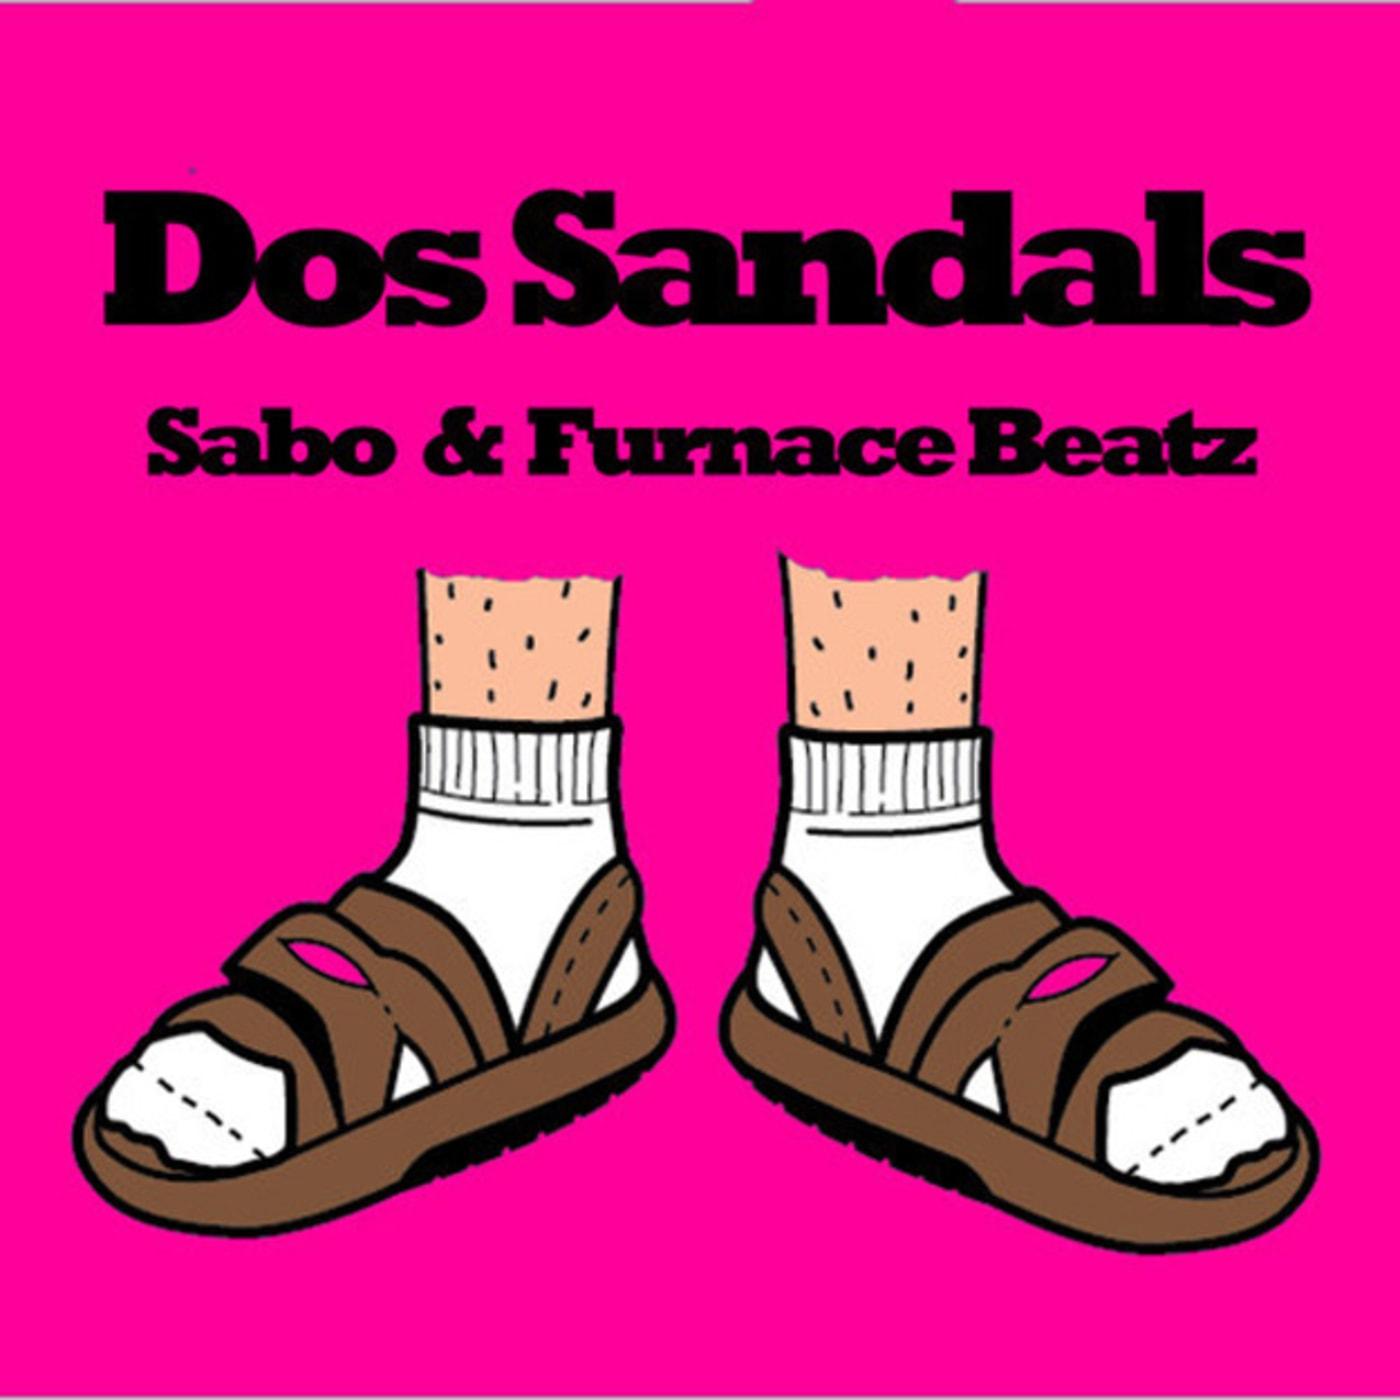 sabo furnace beatz dos sandals